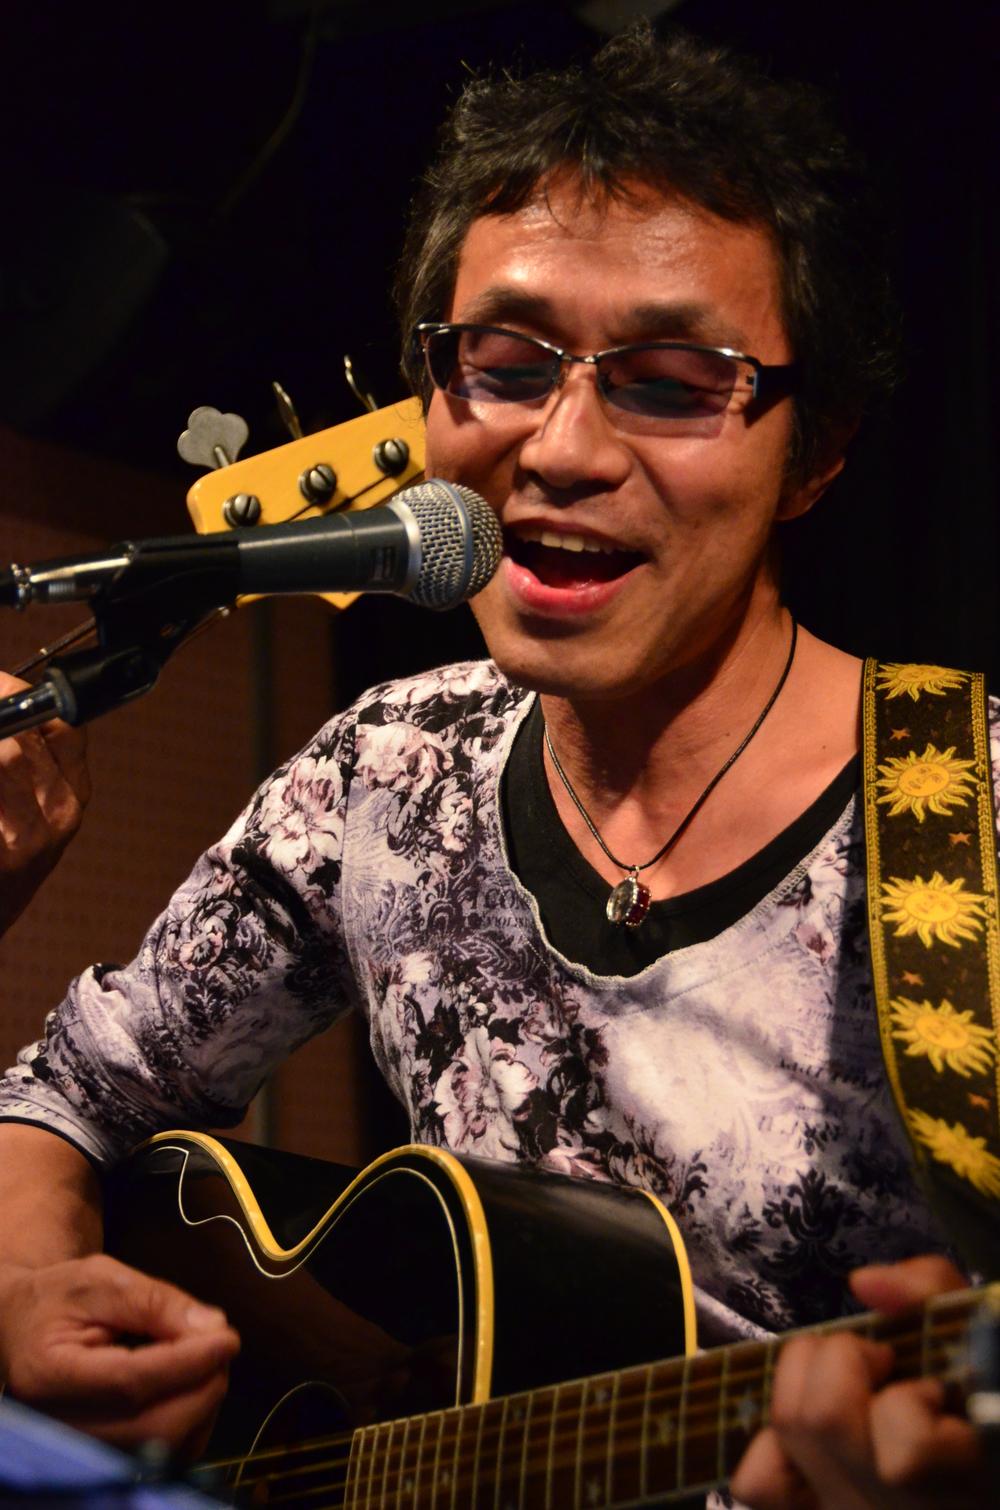 Hiro Watanabe Official Web Site ~ 歌うドラマー